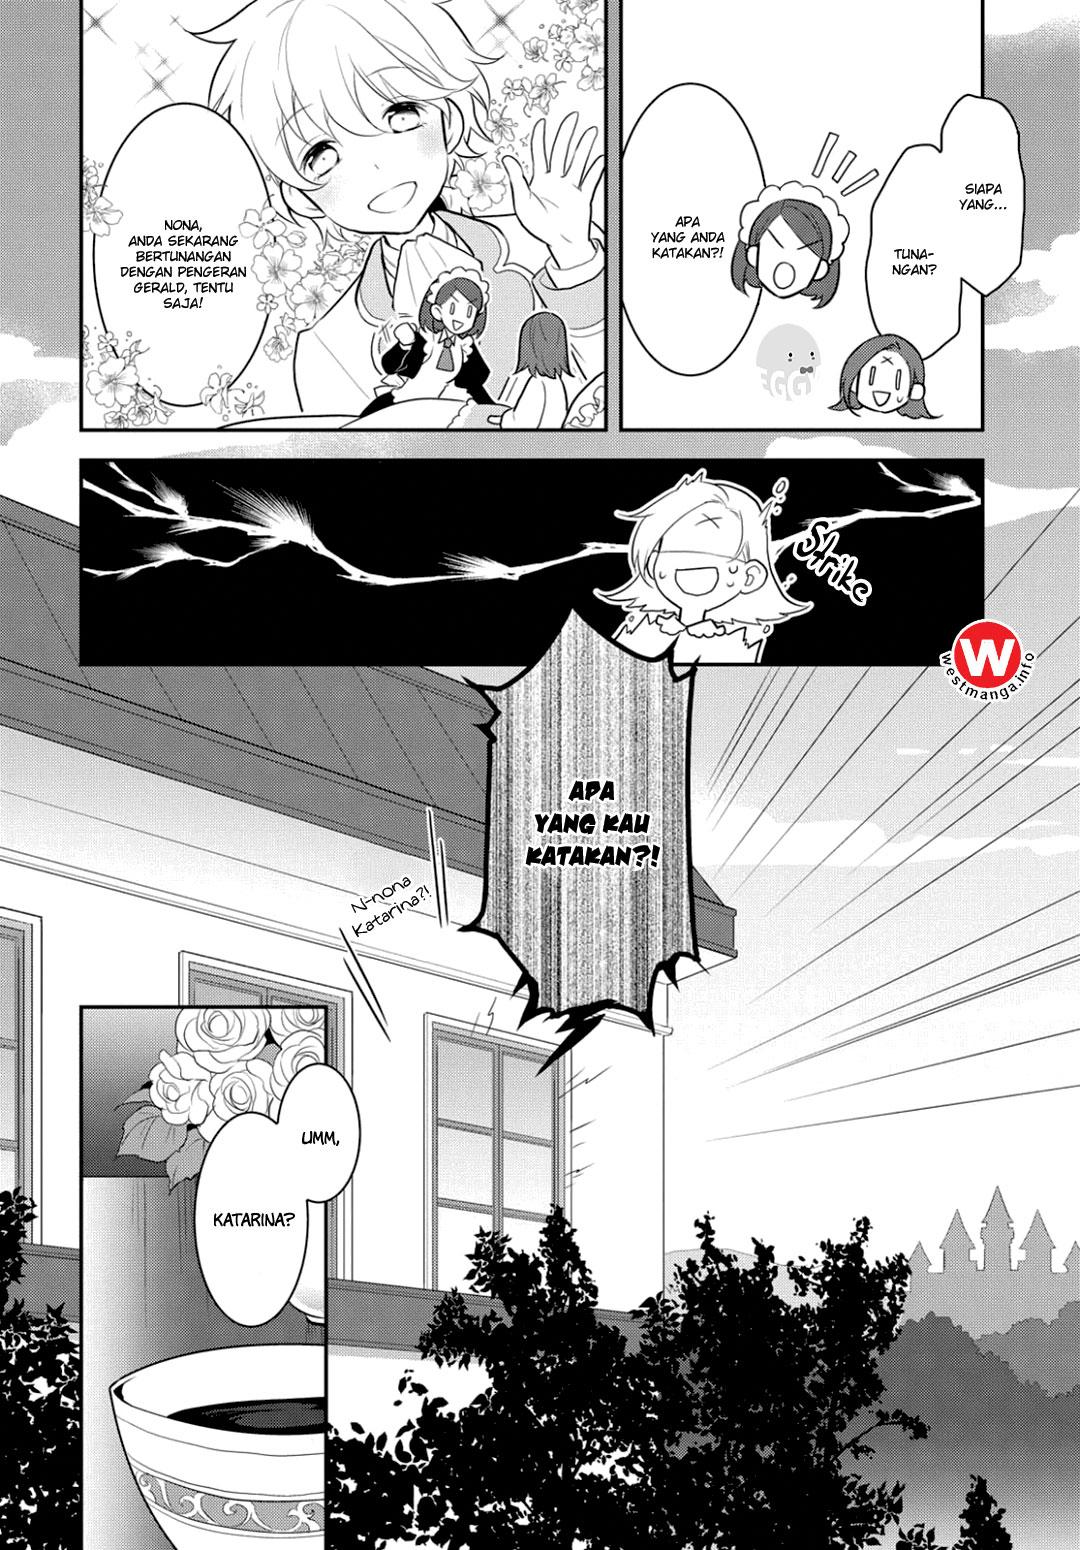 Komik otome game no hametsu flag shika nai akuyaku reijou ni tensei shite shimatta 001 - chapter 1 2 Indonesia otome game no hametsu flag shika nai akuyaku reijou ni tensei shite shimatta 001 - chapter 1 Terbaru 14|Baca Manga Komik Indonesia